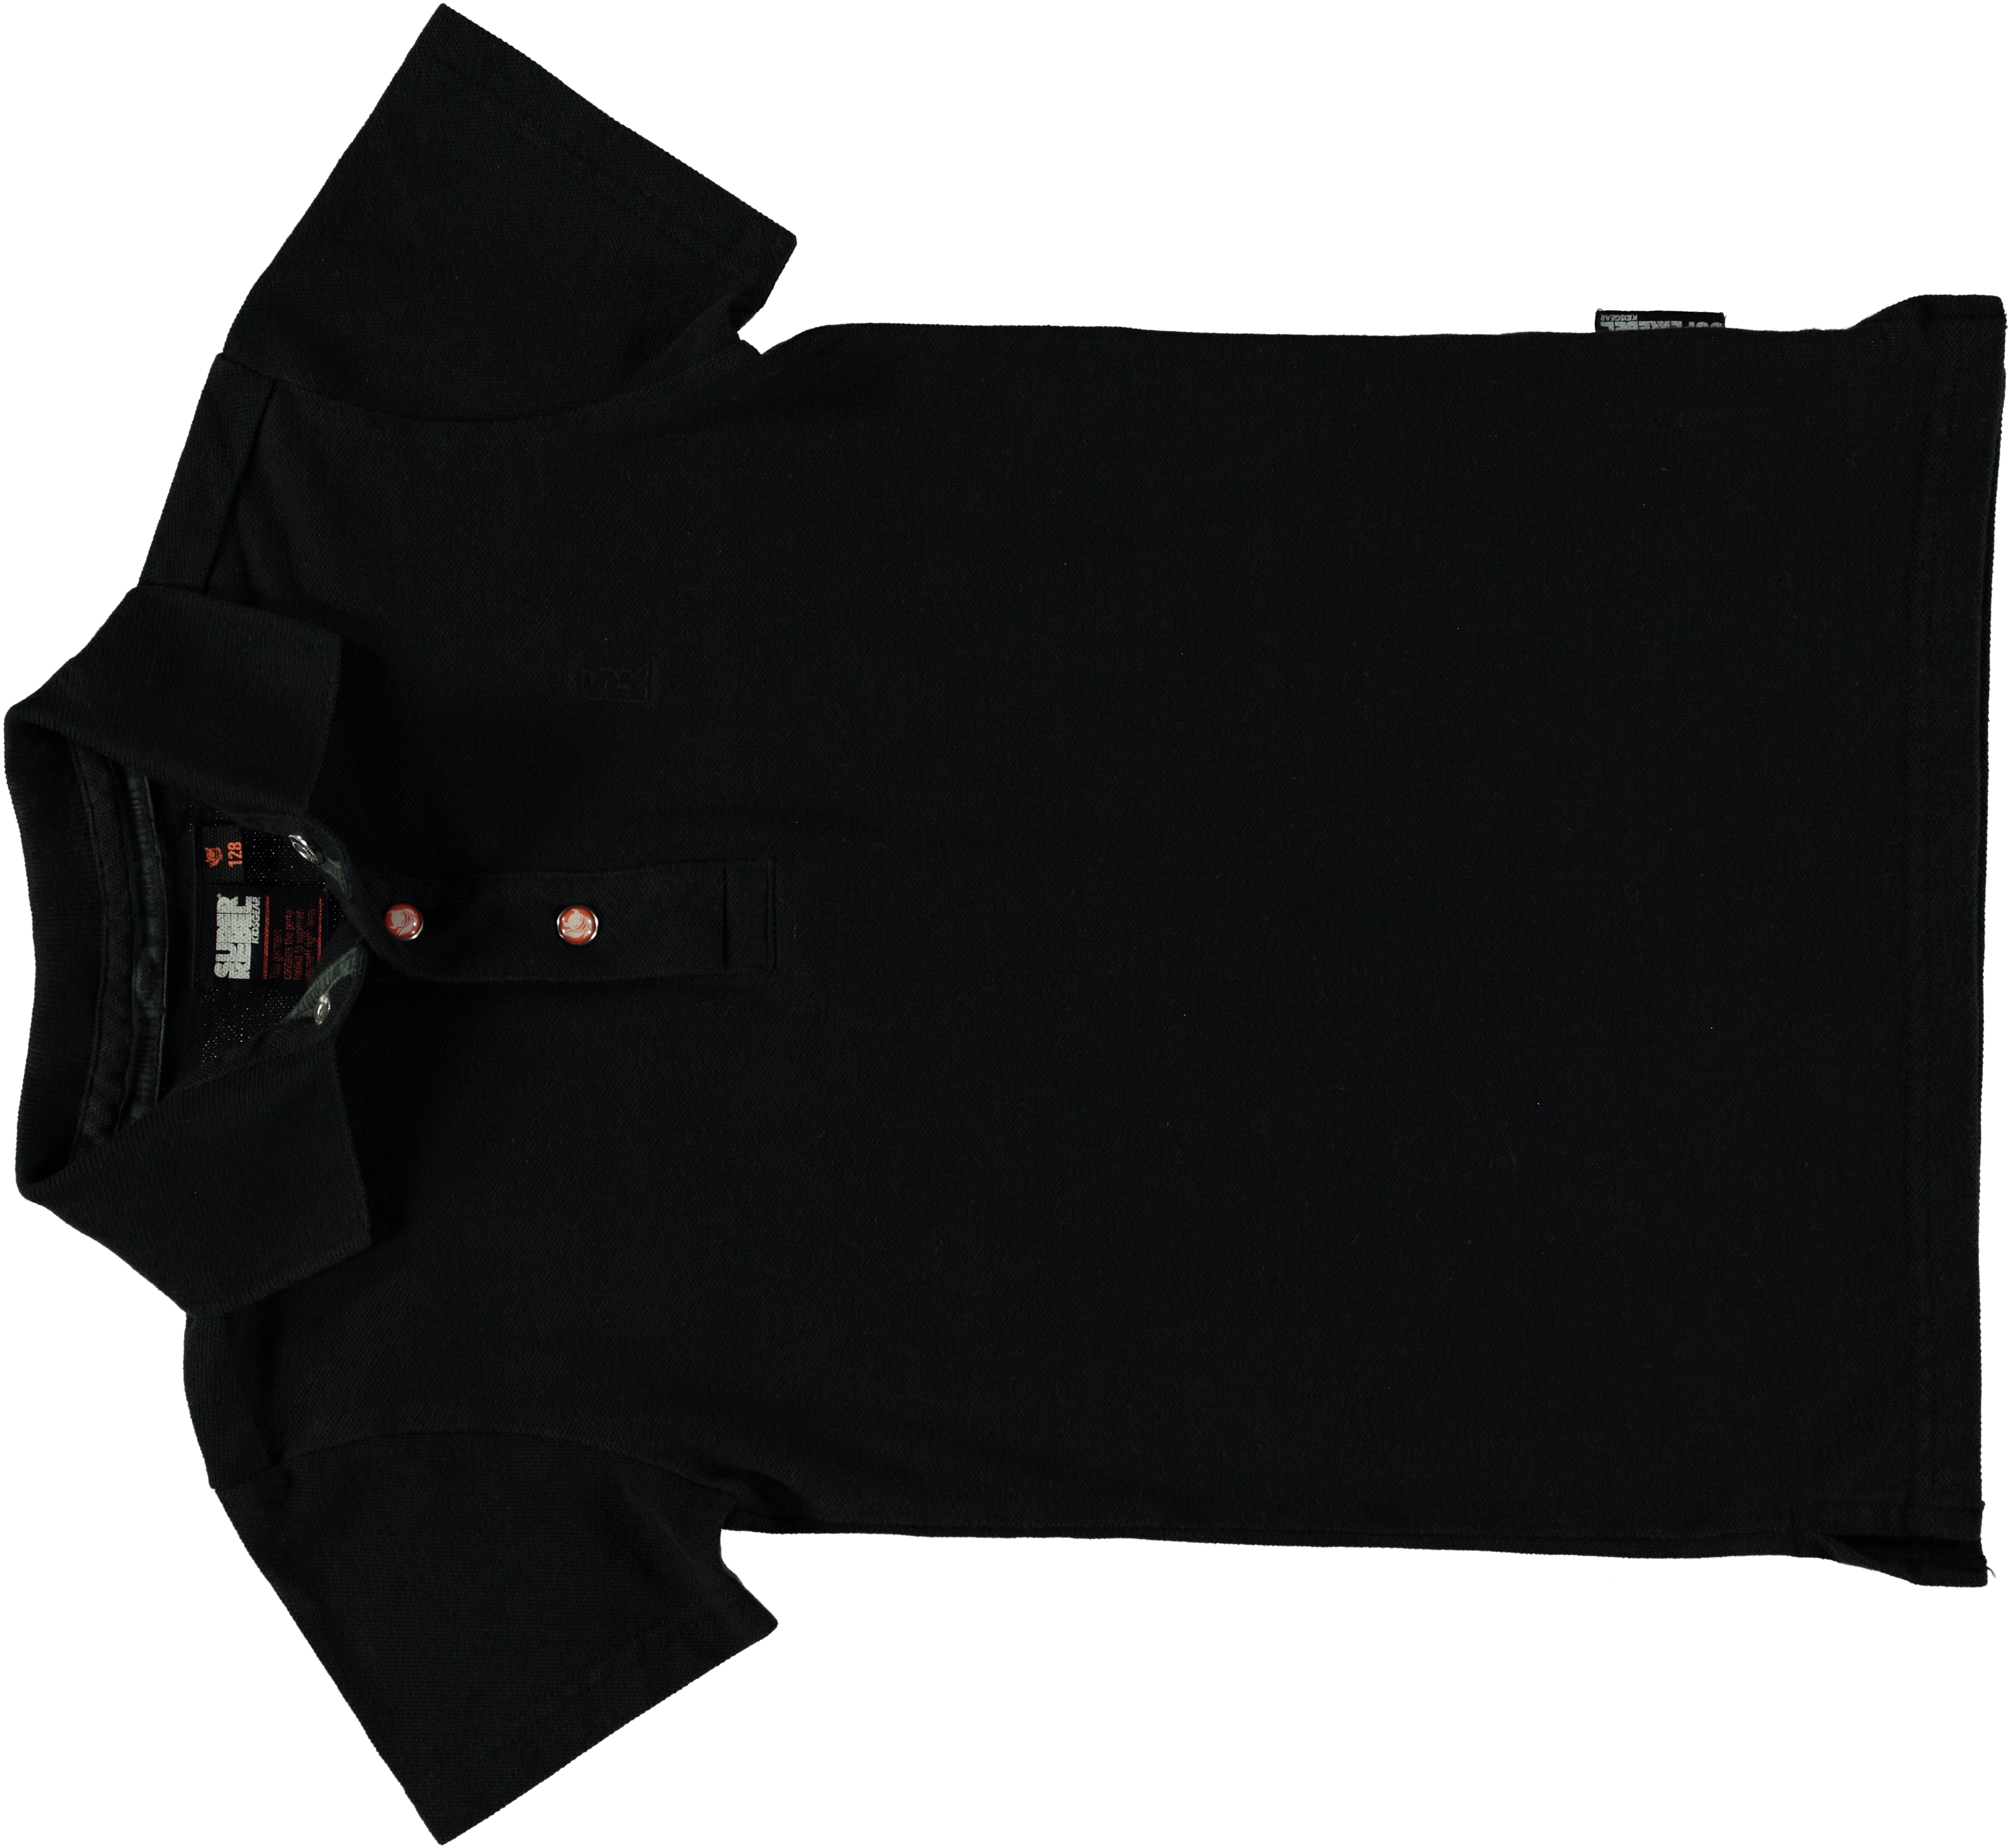 188199 superrebel kidsgear polo black %e2%82%ac39,95 front f758d9 original 1448370647